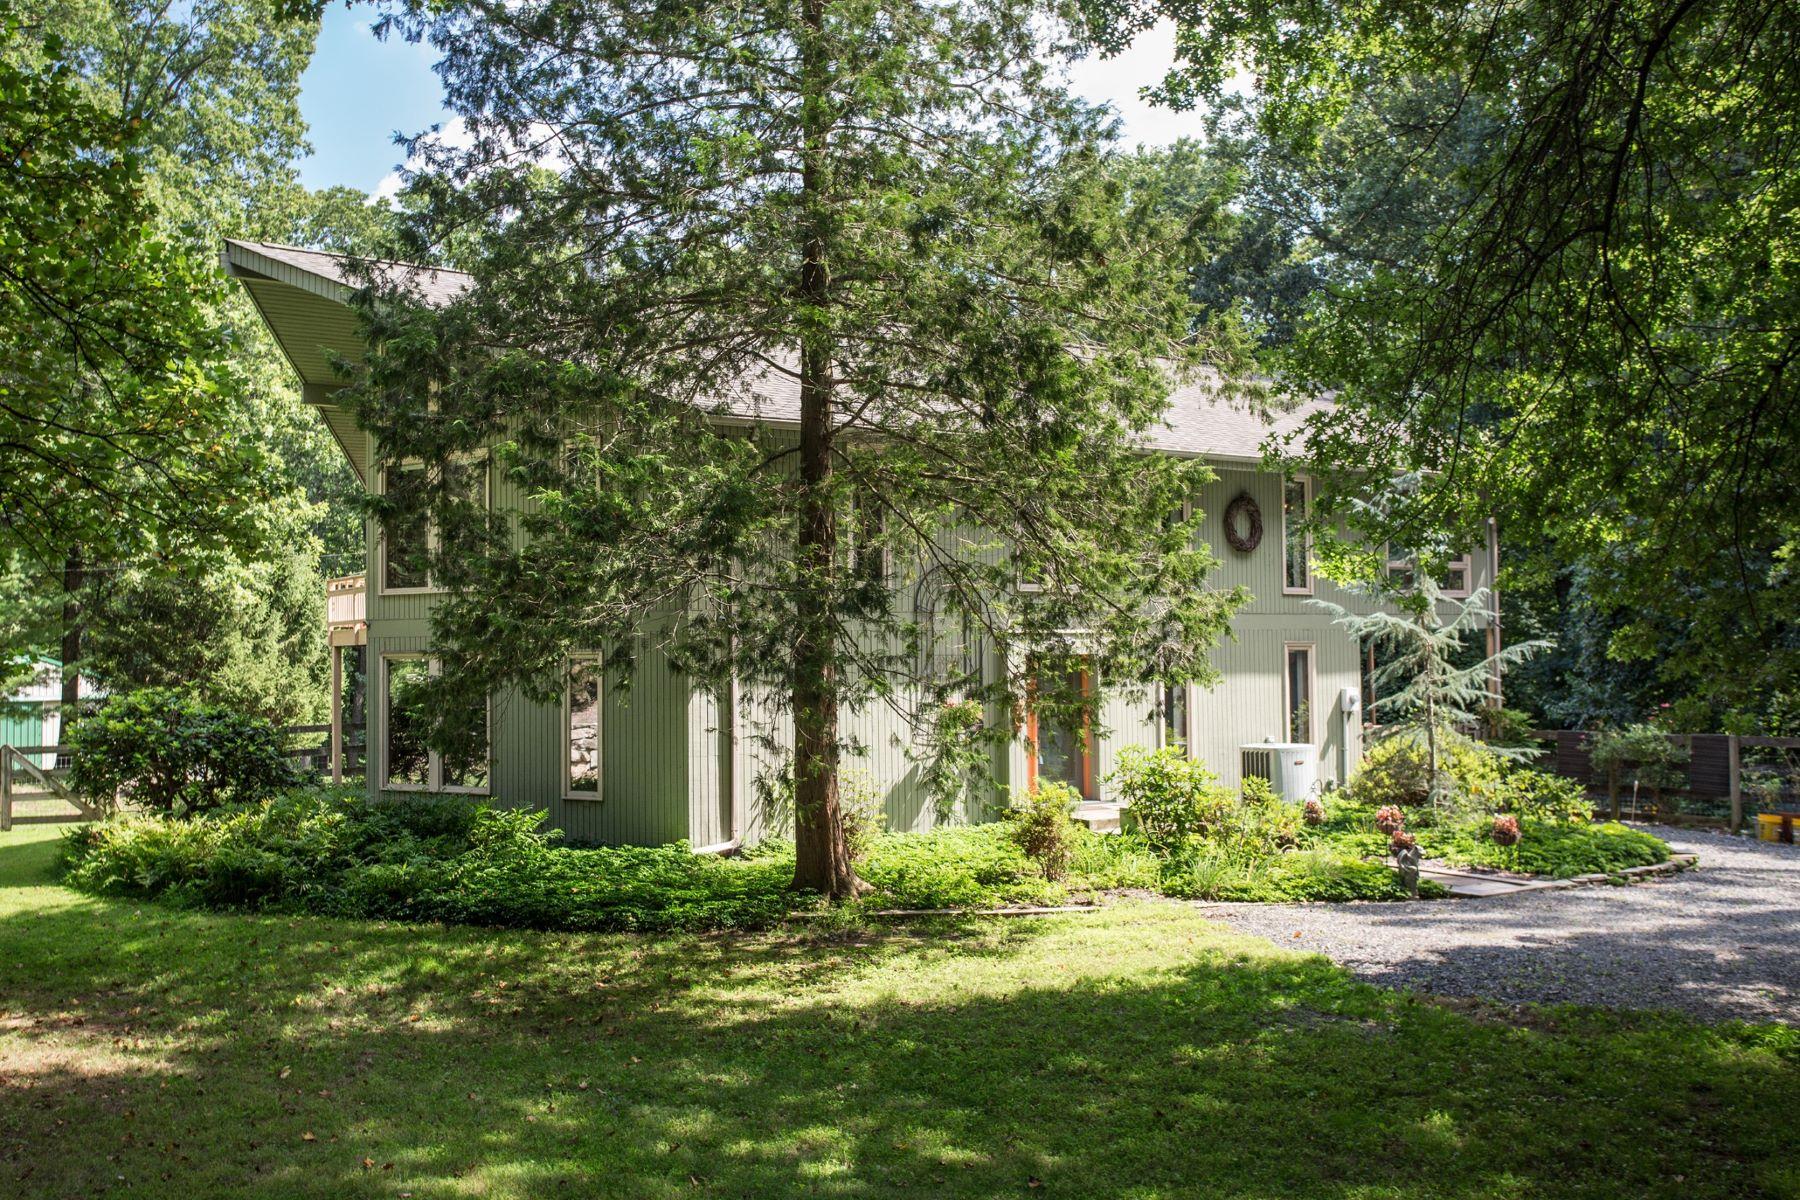 Частный односемейный дом для того Продажа на 2255 Deer Trl Rd Coopersburg, Пенсильвания, 18036 Соединенные Штаты